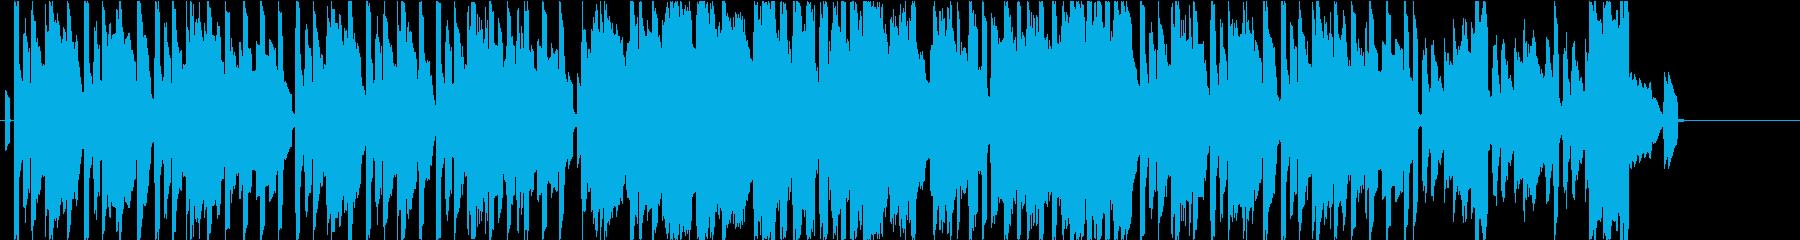 ハーモニカとエレピの爽やかなBGMの再生済みの波形